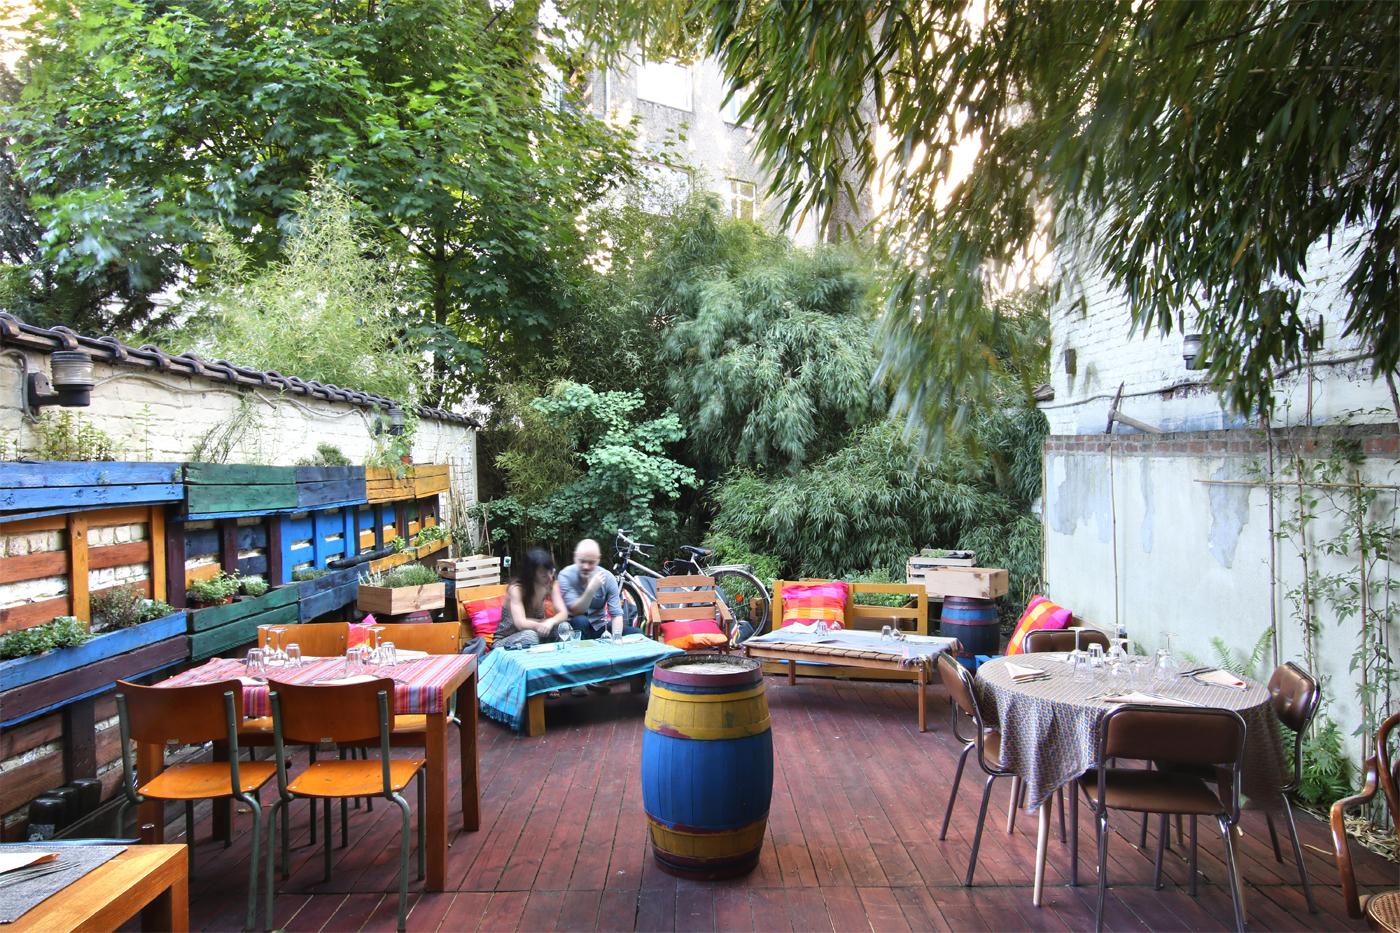 52 and the secret garden brussels 39 kitchen - Resto terrasse jardin bruxelles nanterre ...